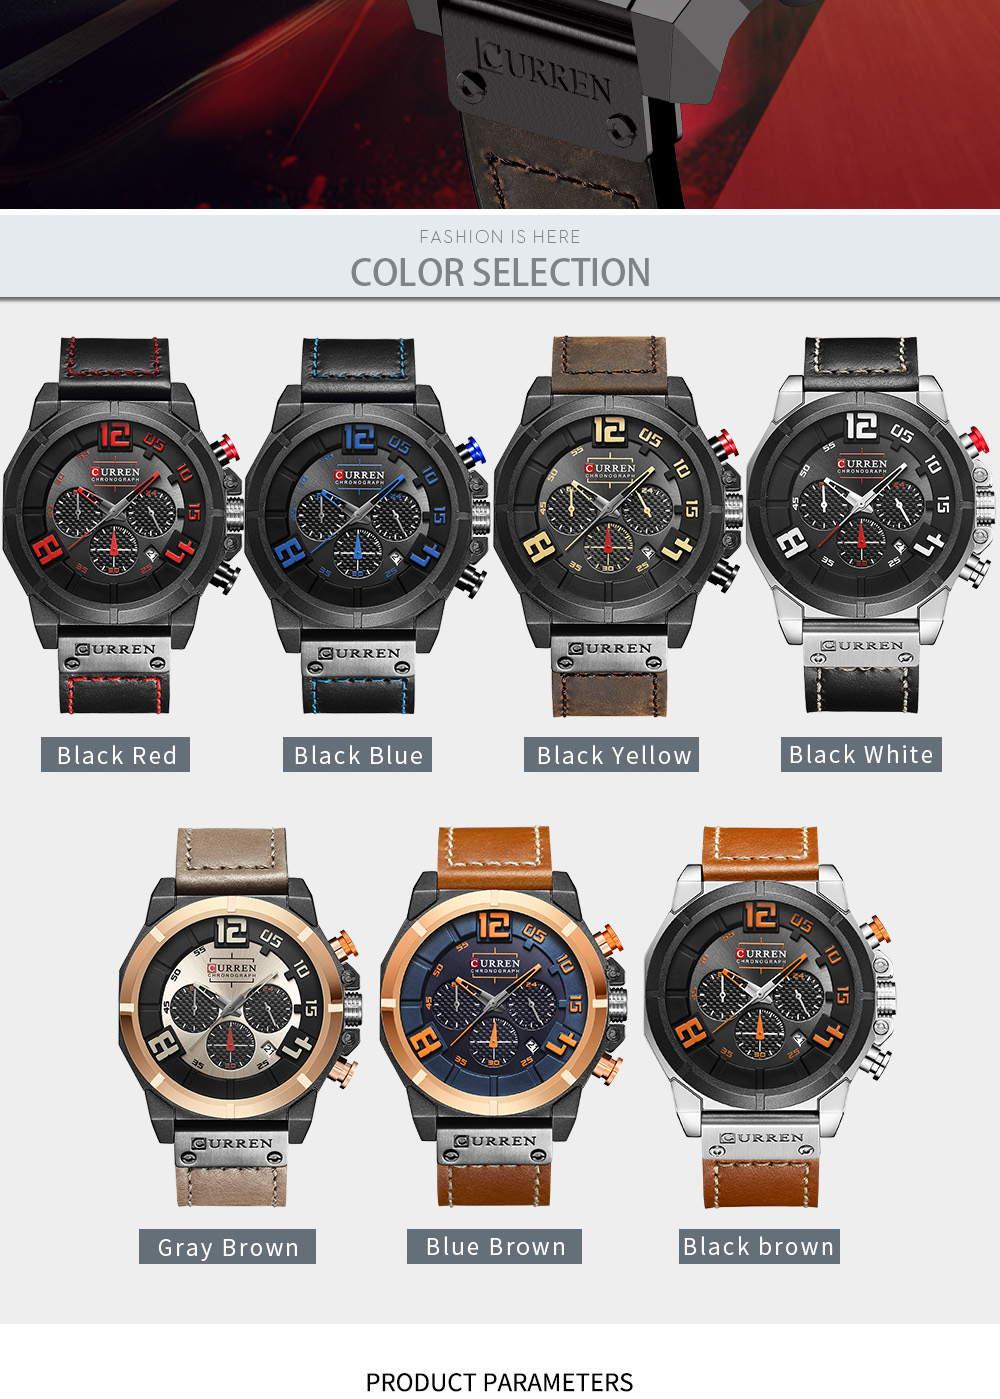 curren 8287 watch